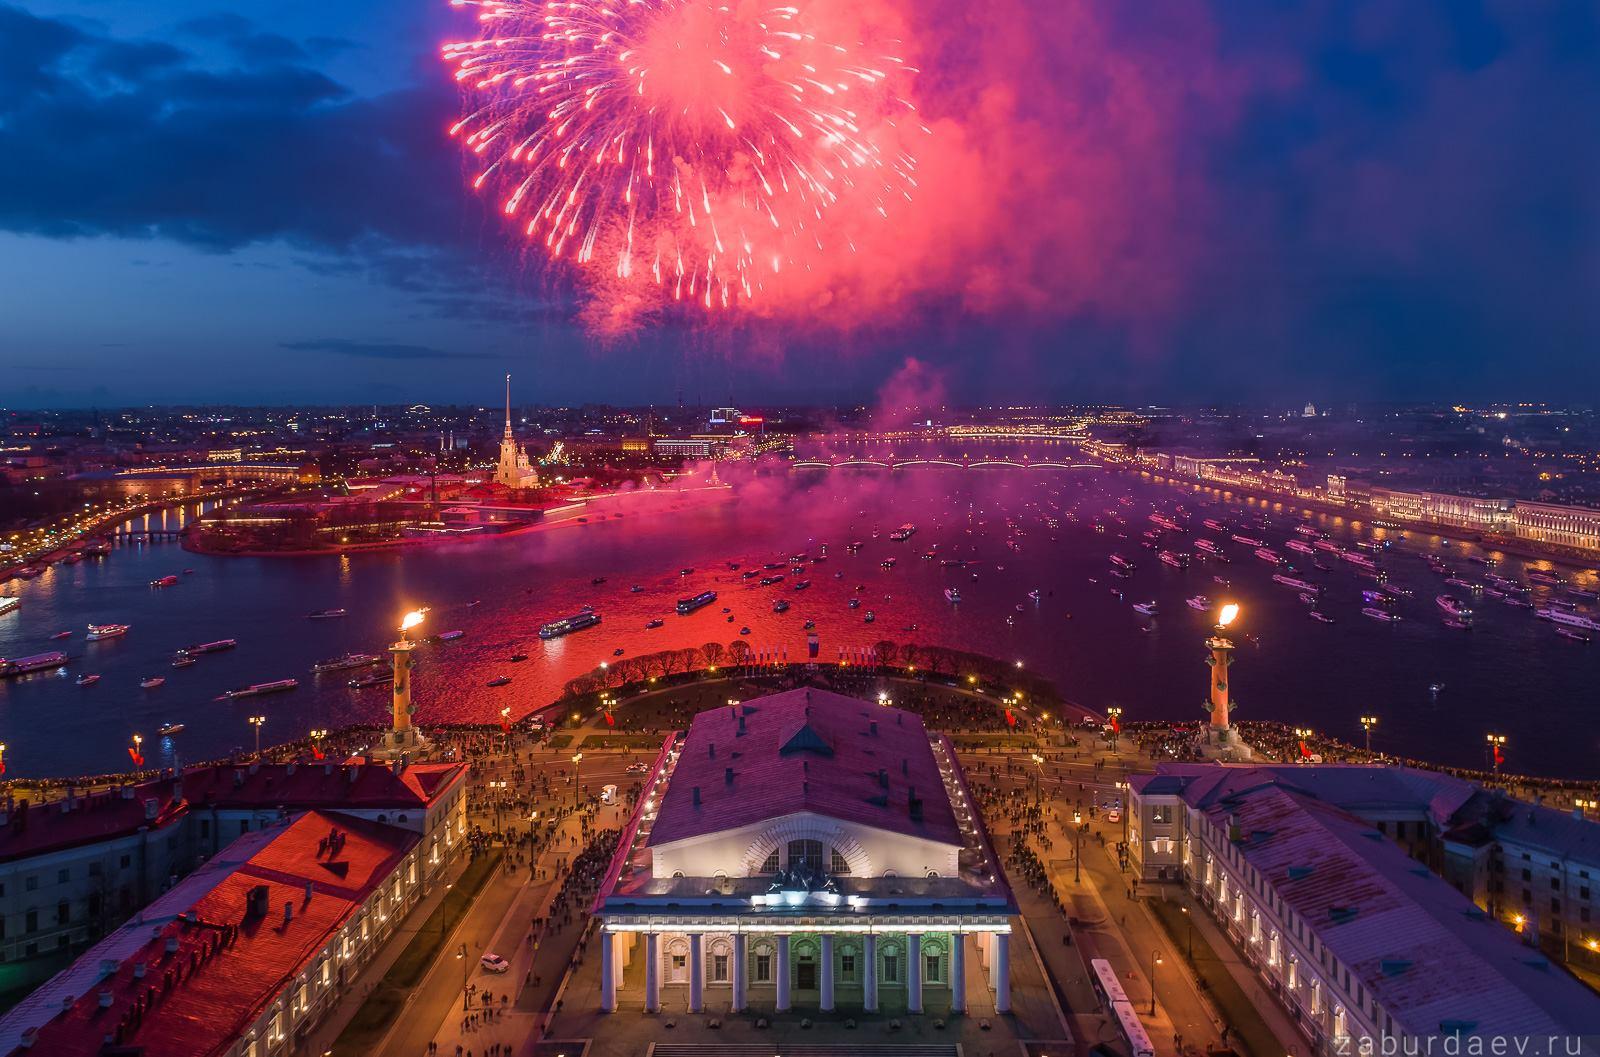 Праздничный салют в Петербурге 9 мая